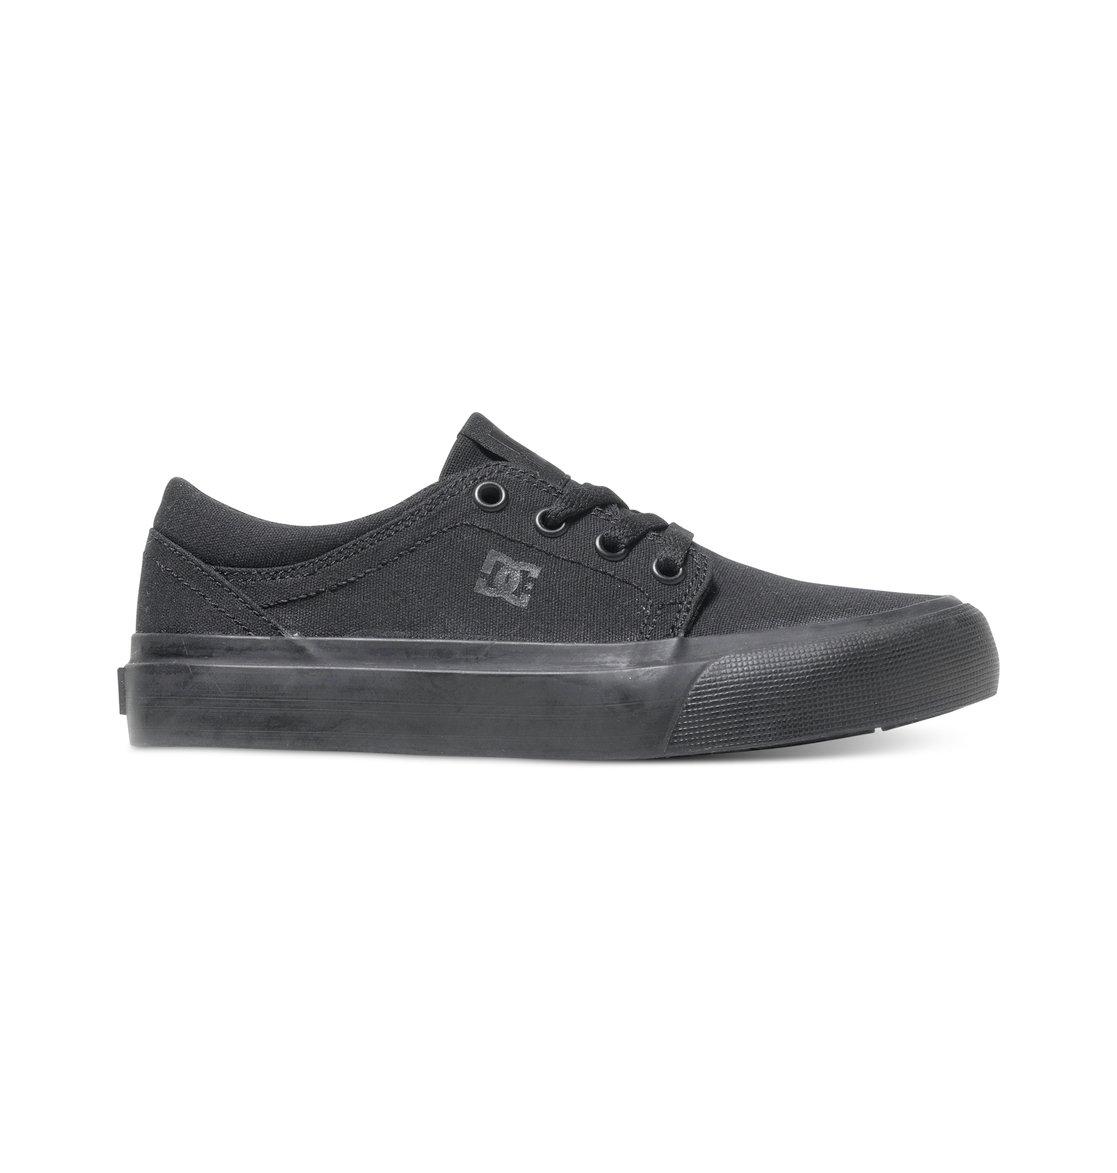 Baskets basses DC shoes TRASE SLIP-ON TX V1Lgf